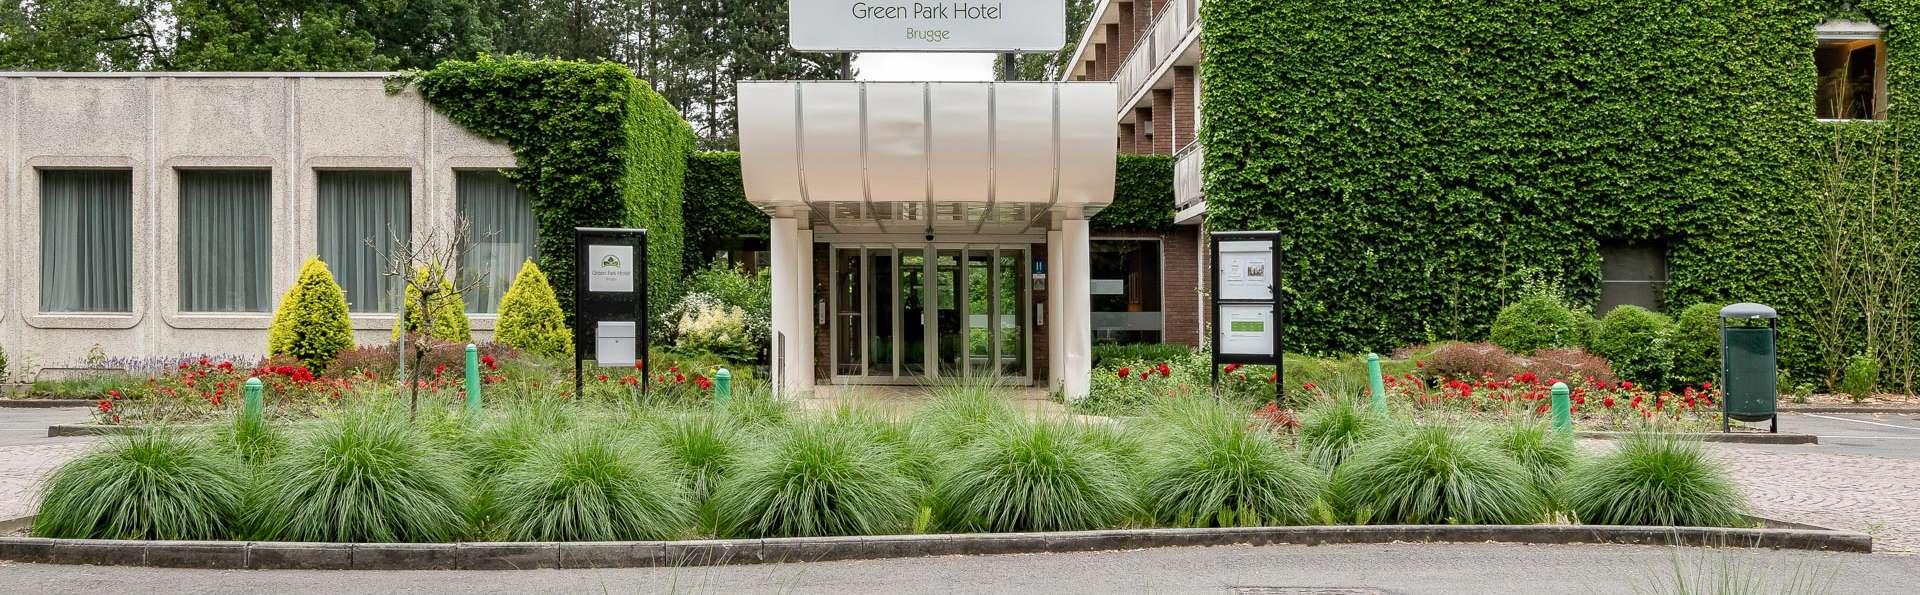 Green Park Hotel Brugge - EDIT_FRONT_01.jpg